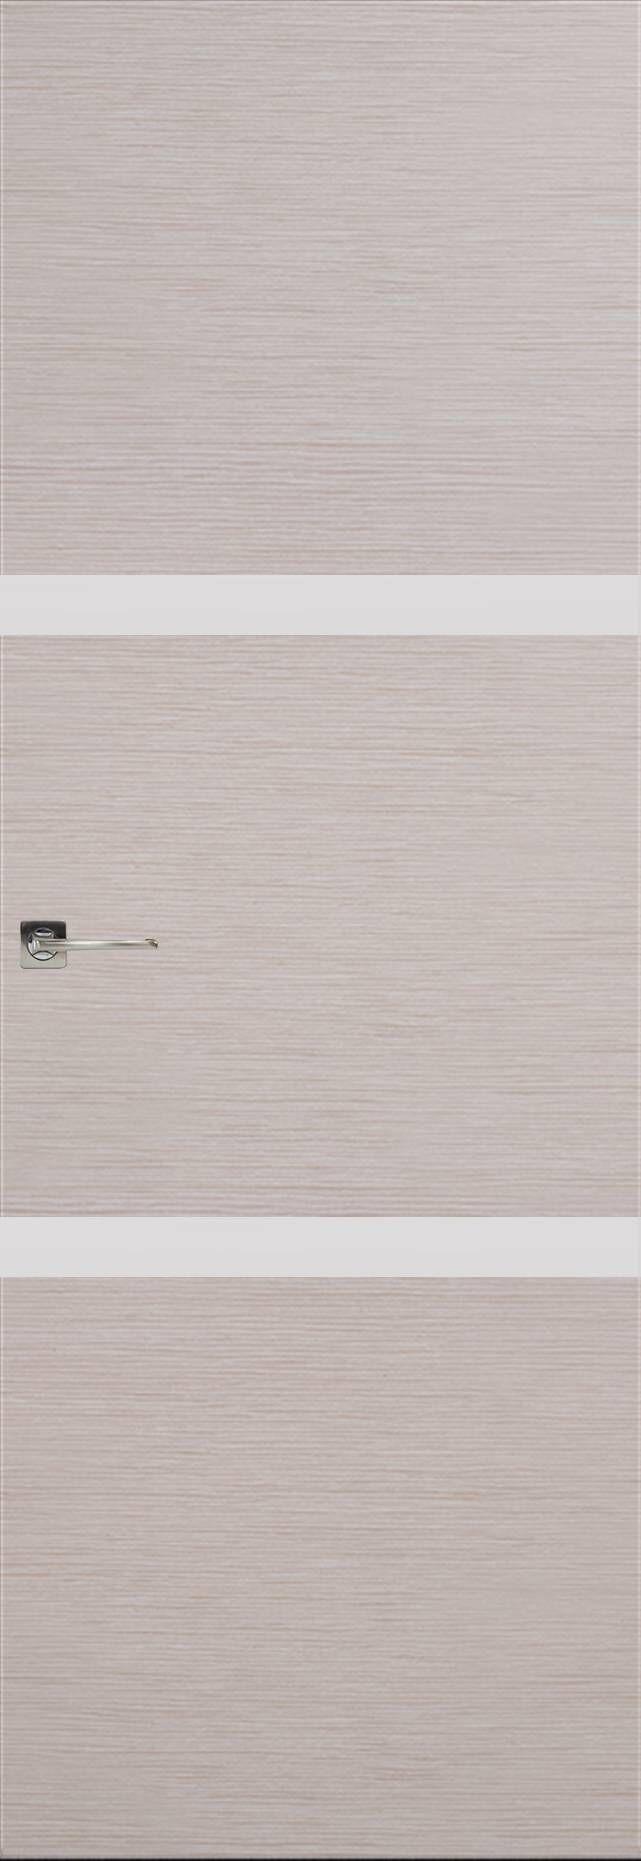 Tivoli В-4 Невидимка цвет - Дымчатый дуб Без стекла (ДГ)